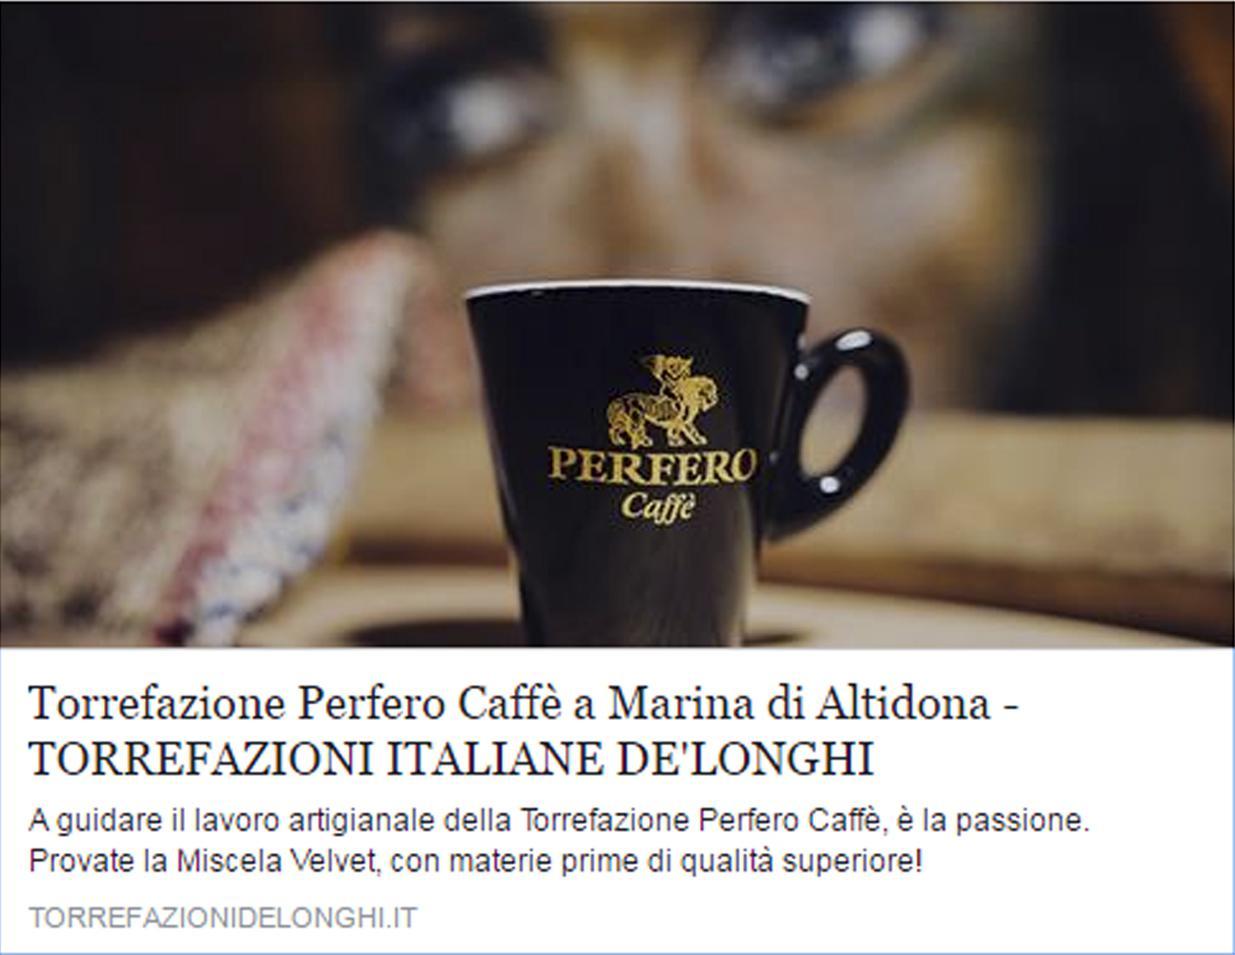 Guida-Le-migliori-Torrefazioni-Italiane-della-De-Longhi-2016-1